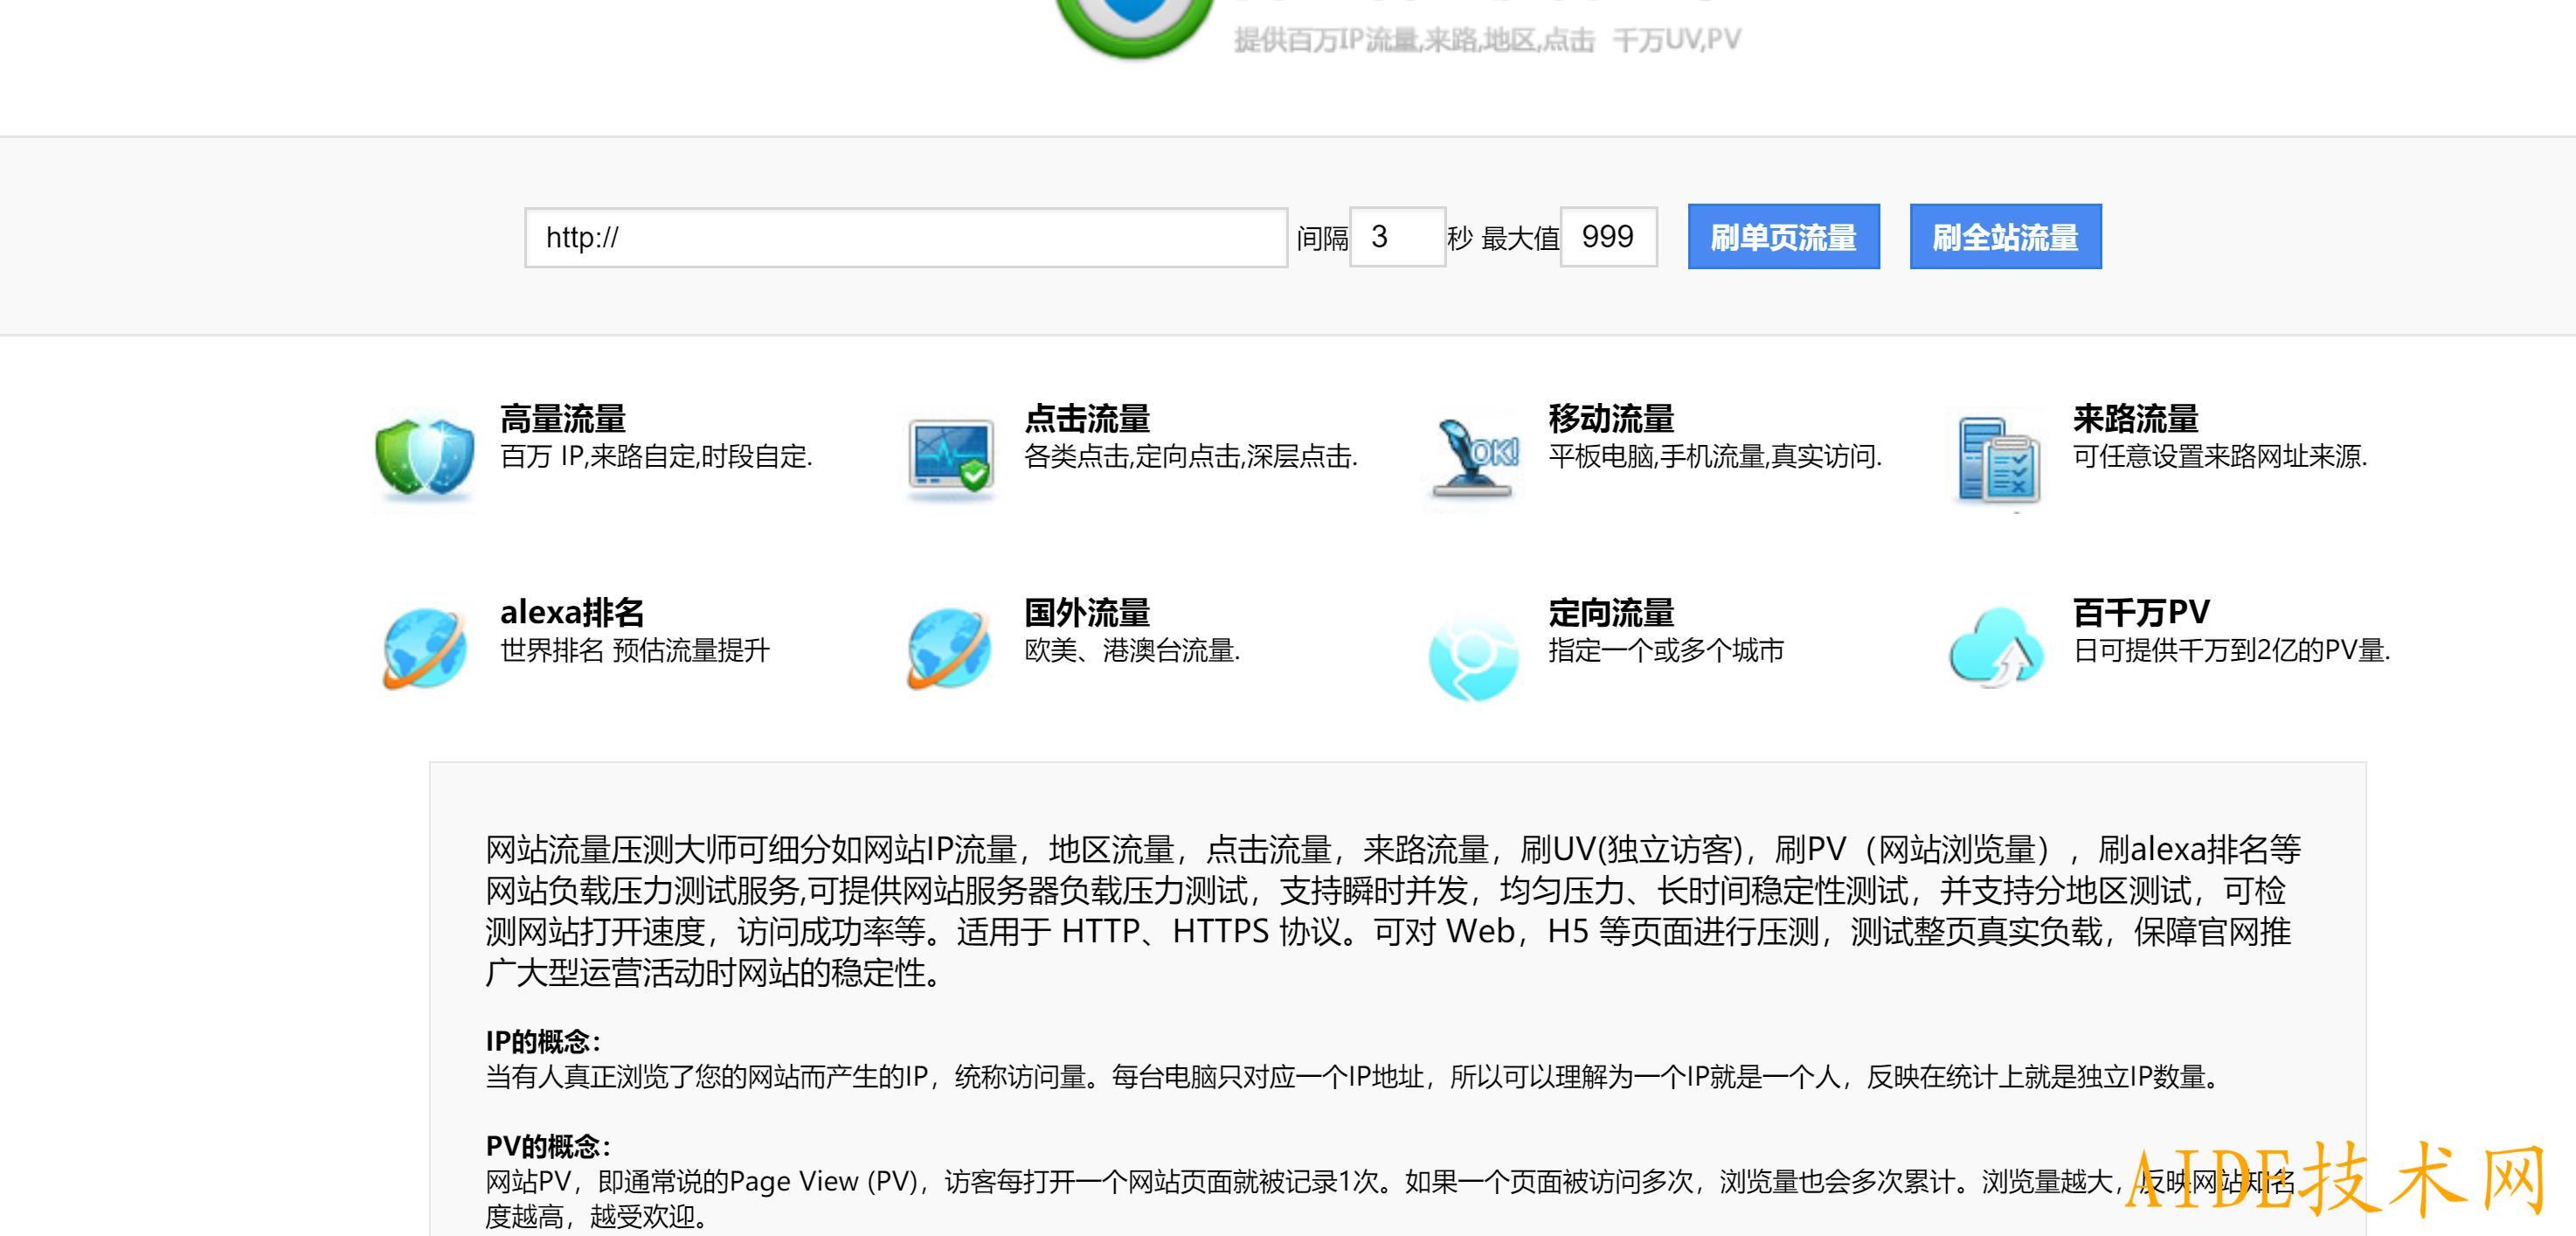 网页在线刷PV和IP的源码